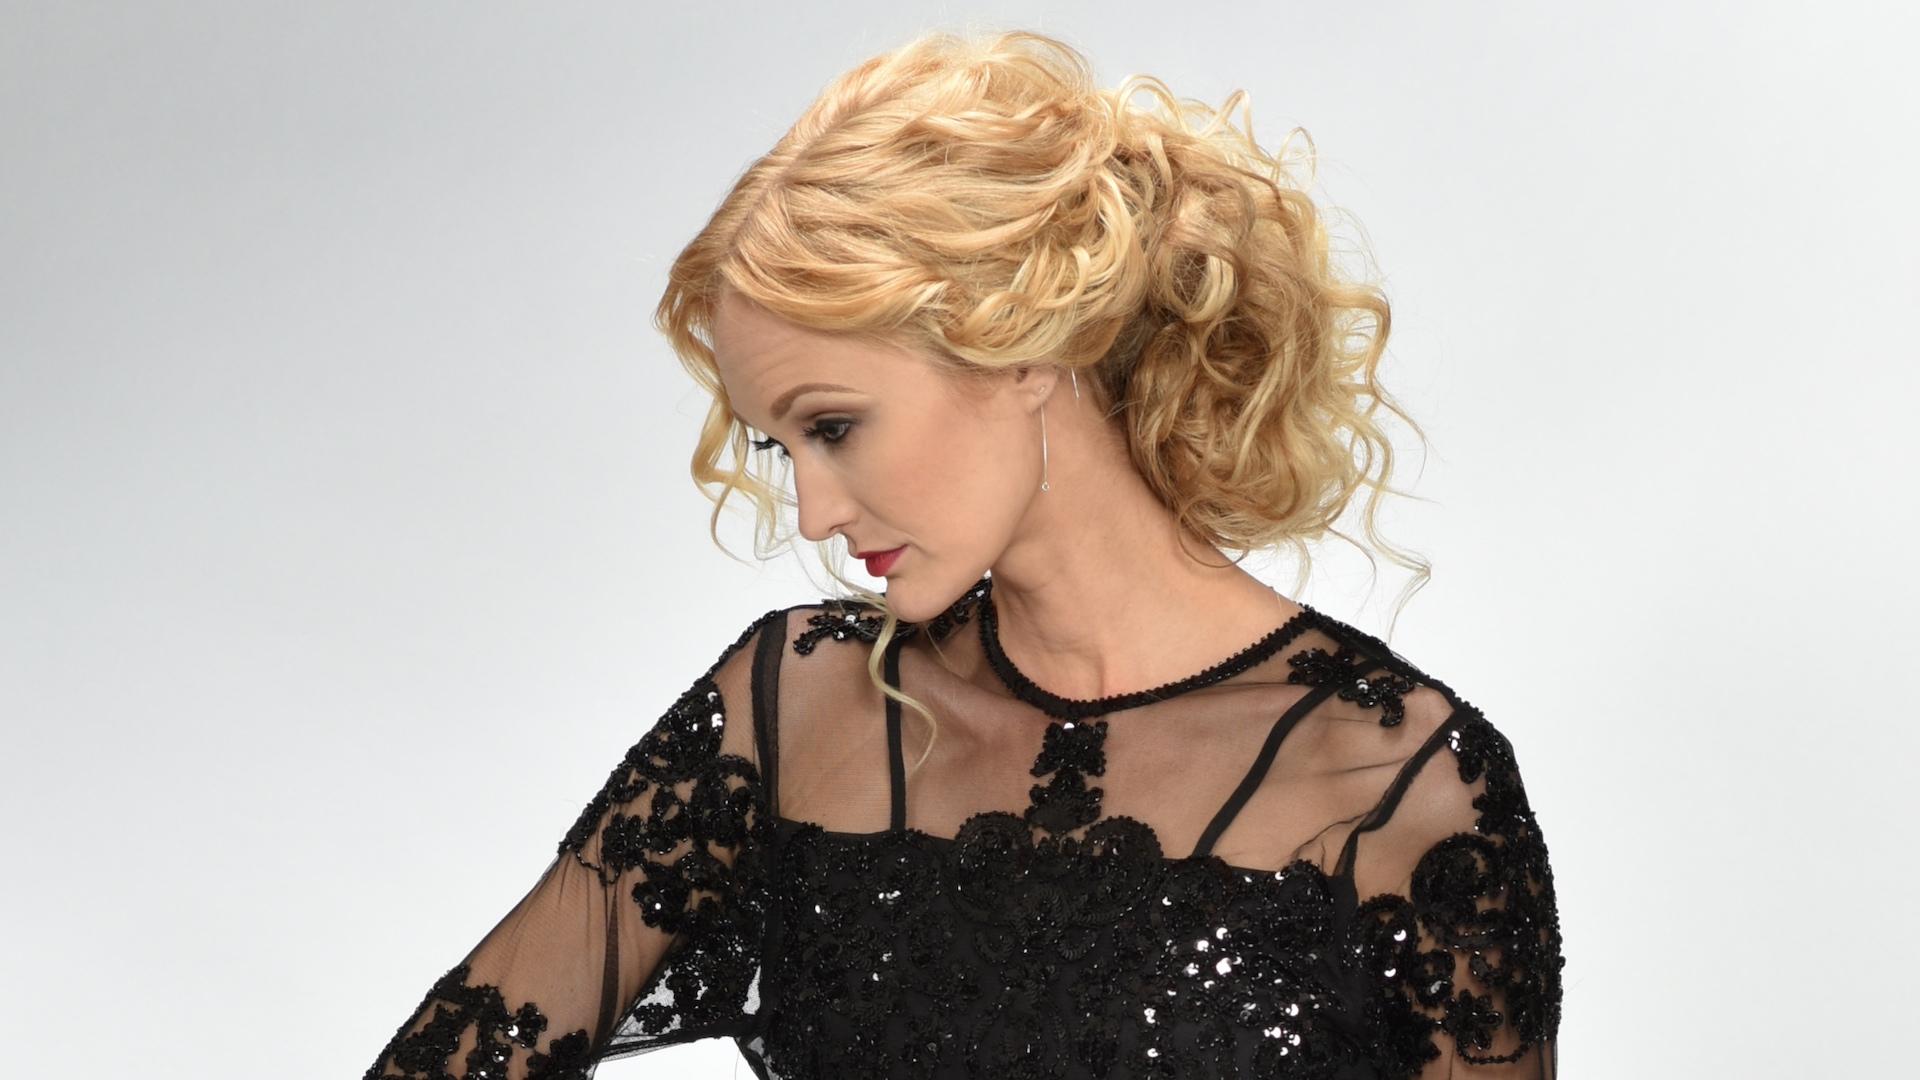 Hair fashion shoot dallas best hair salon plano best for Aalam salon dallas